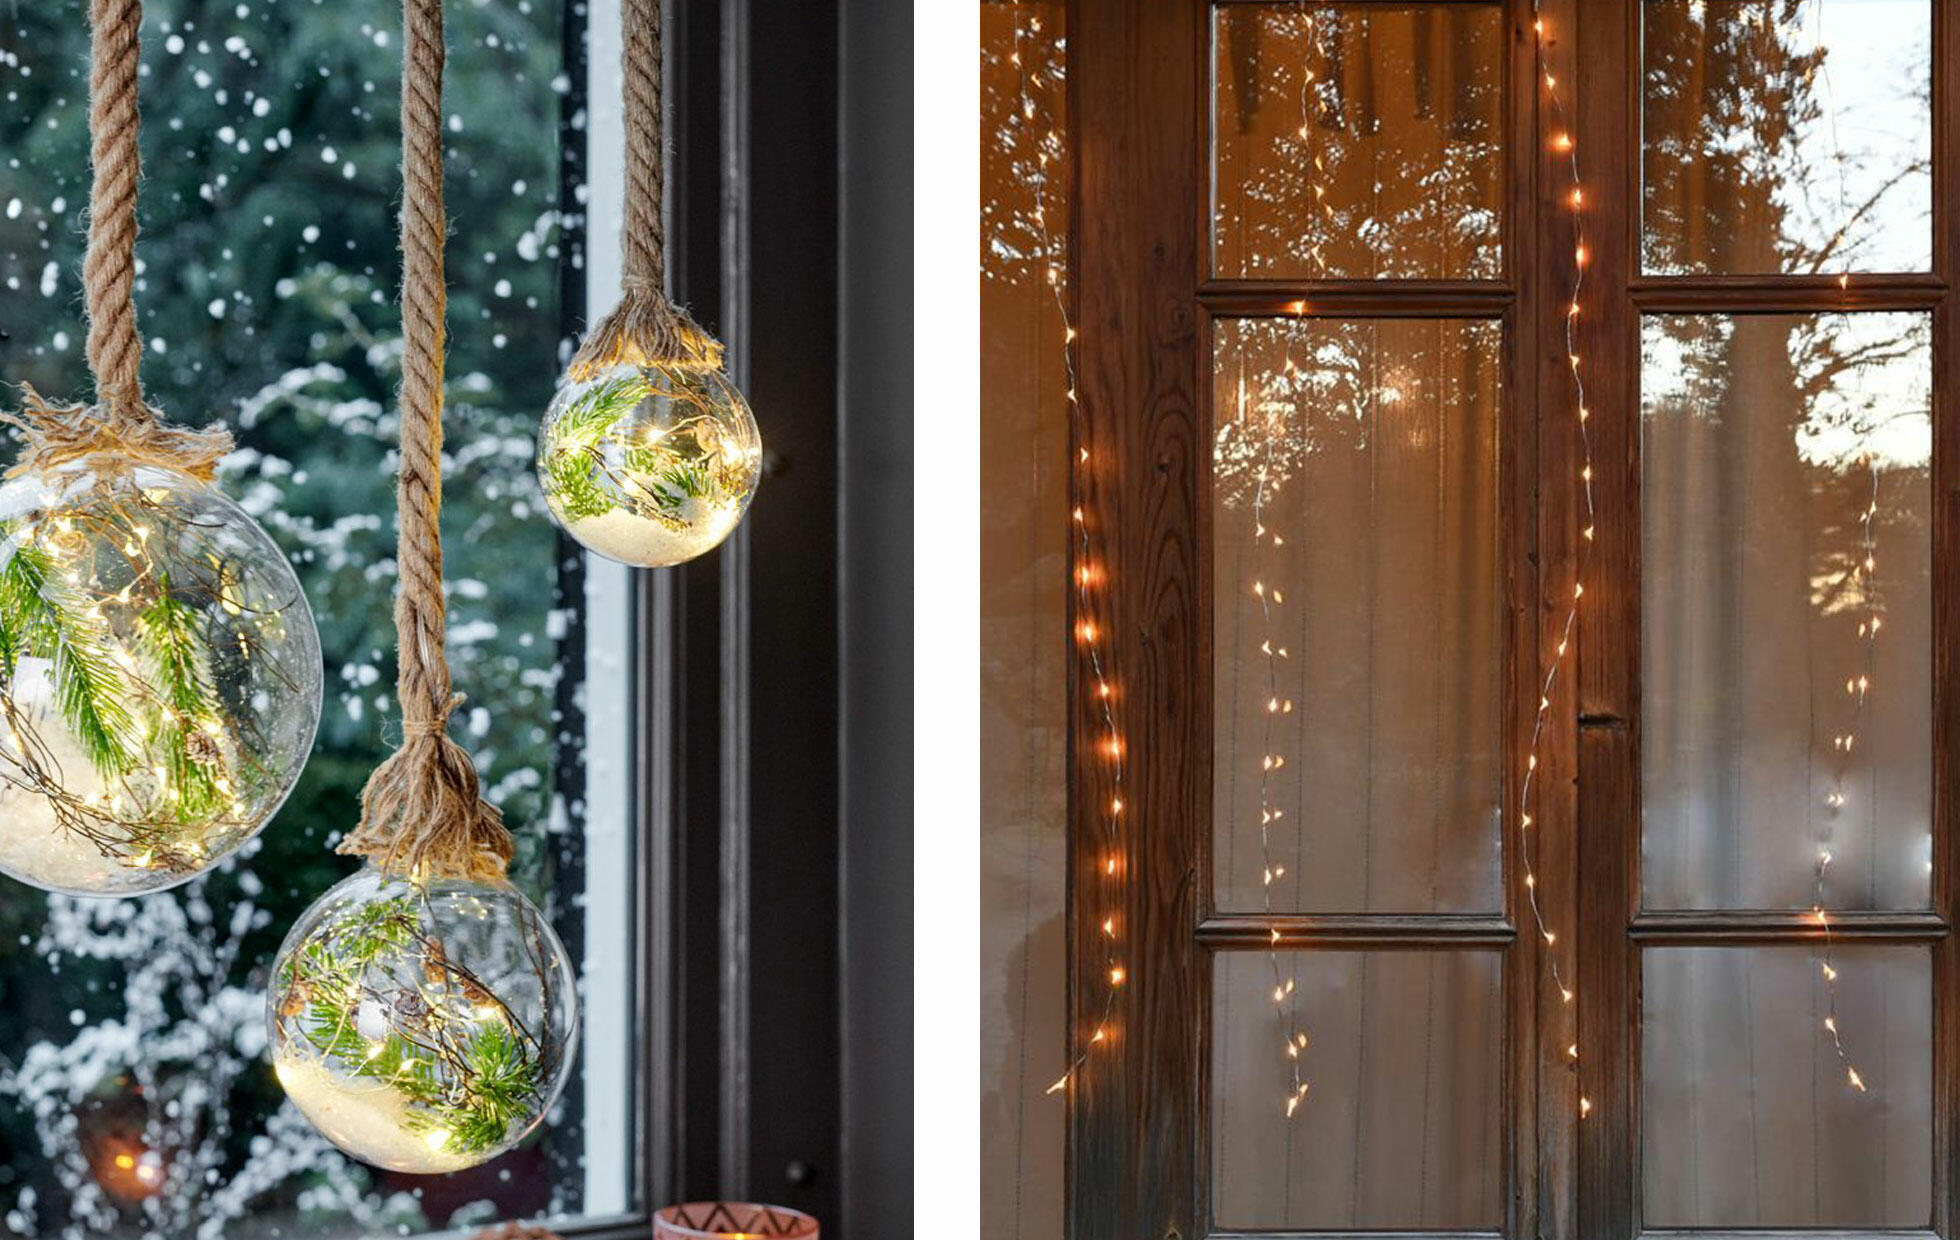 Decorazioni di Natale per finestra